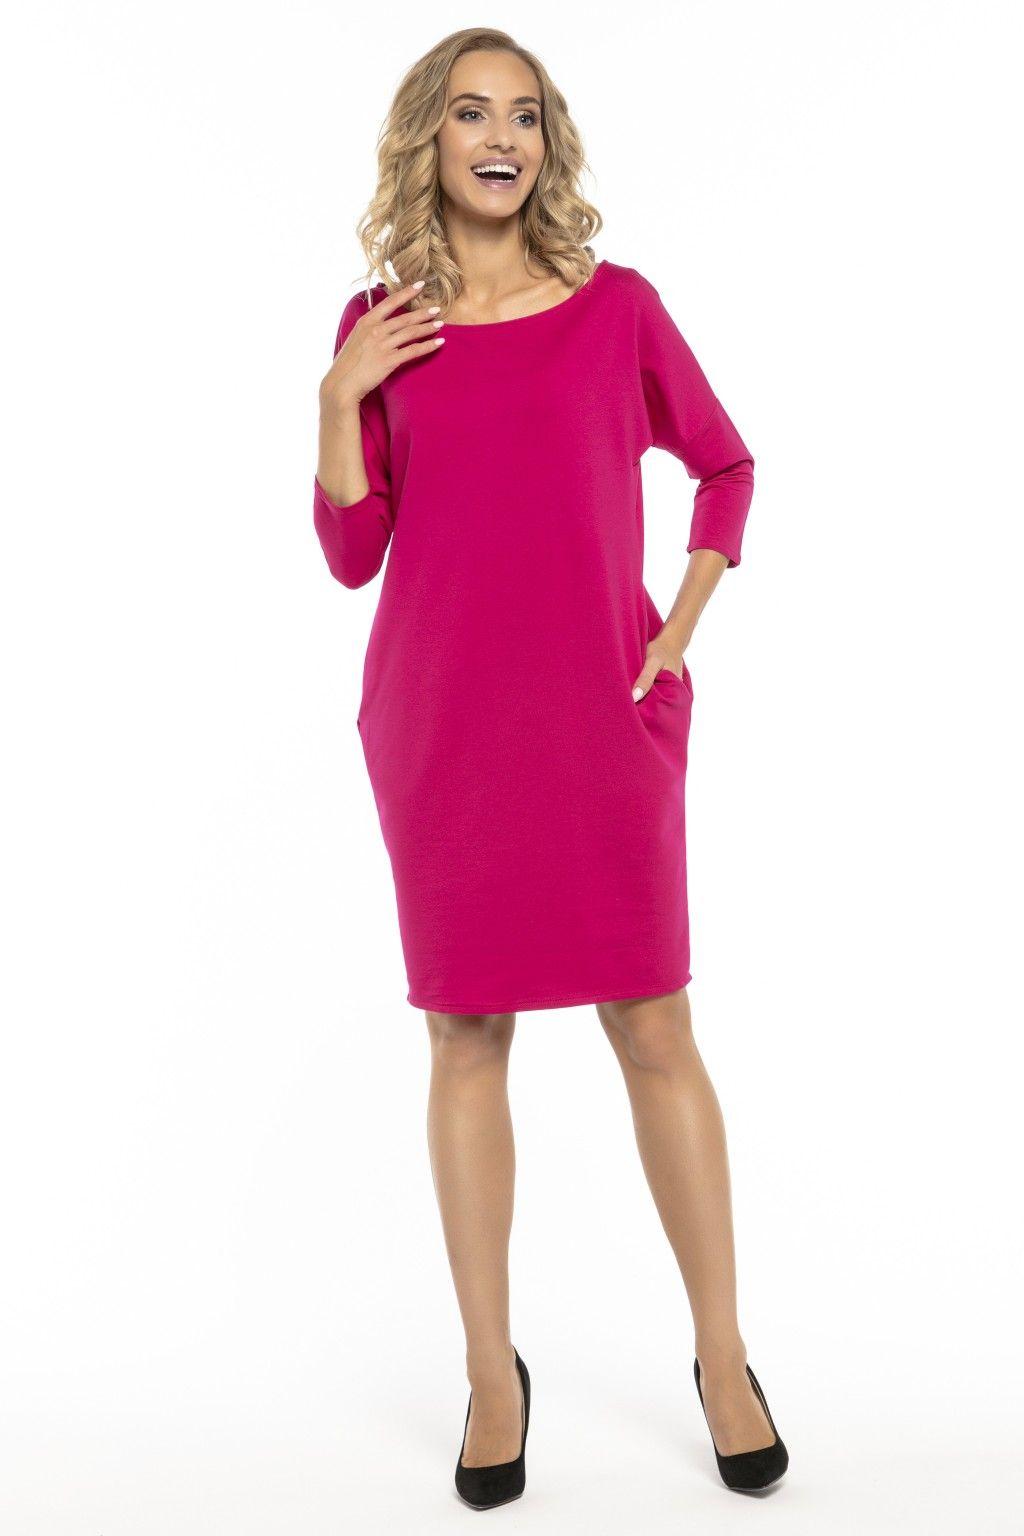 deafb462c0 Idealna sukienka do codziennej stylizacji z kieszeniami